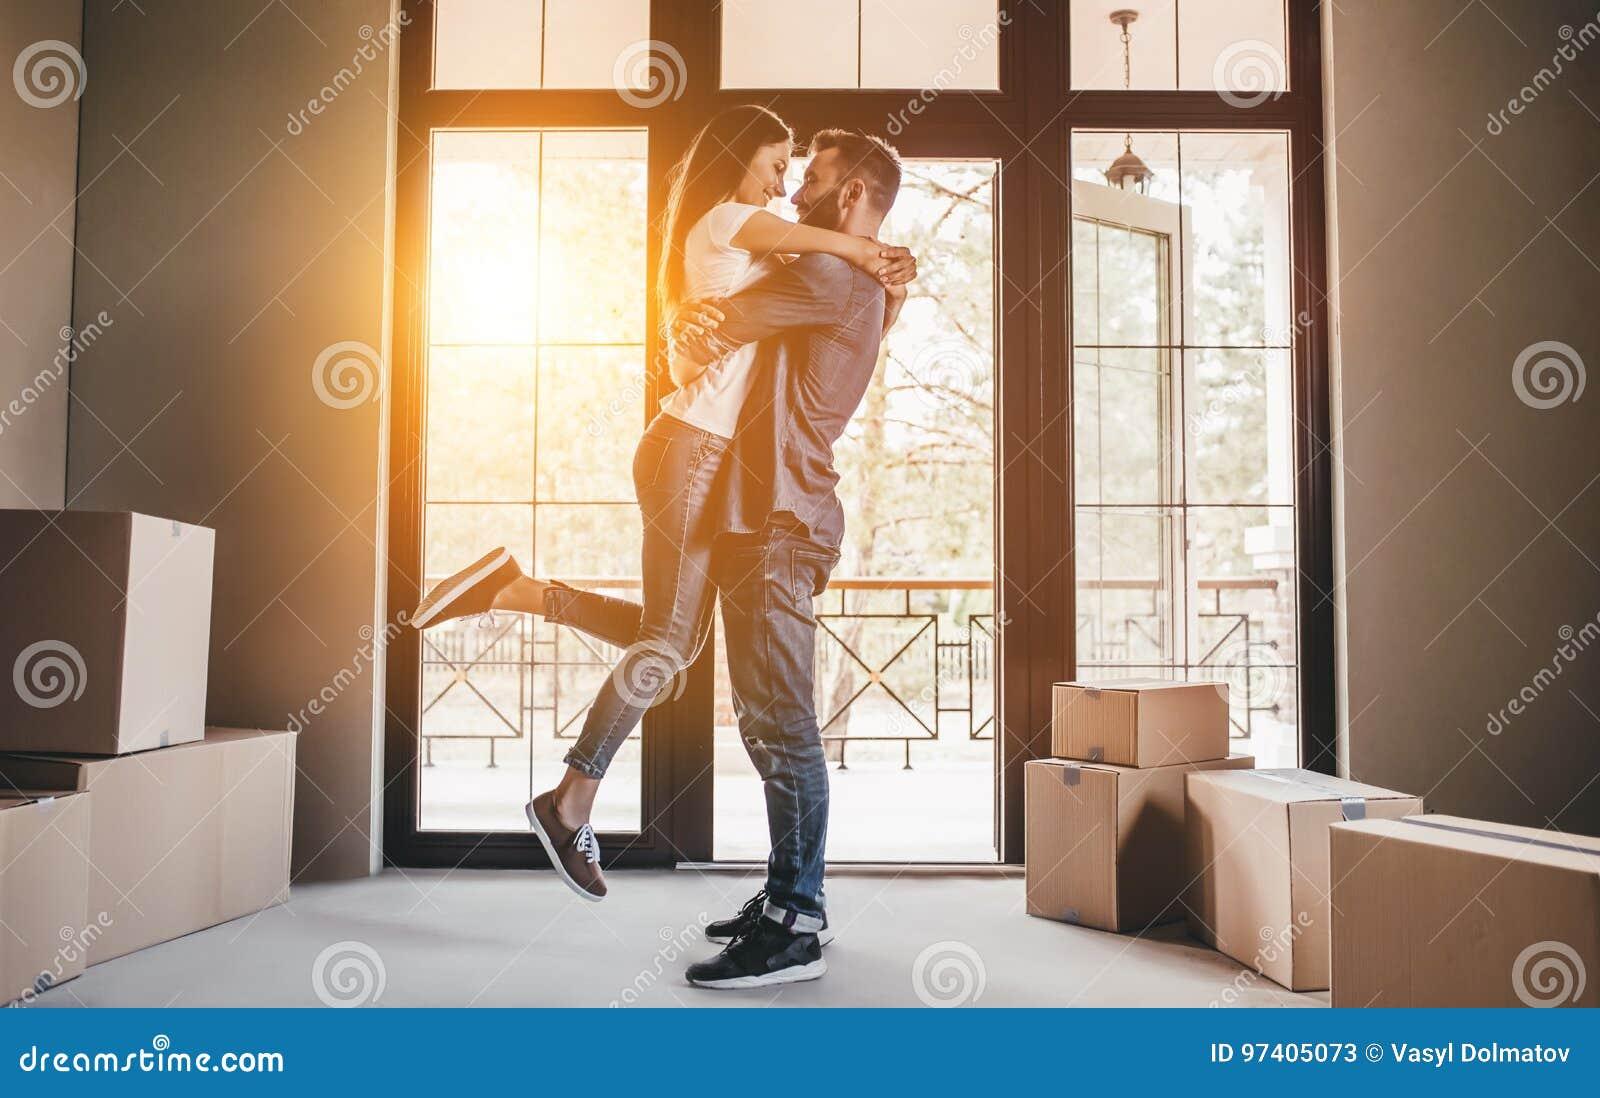 Par house att flytta sig som är nytt